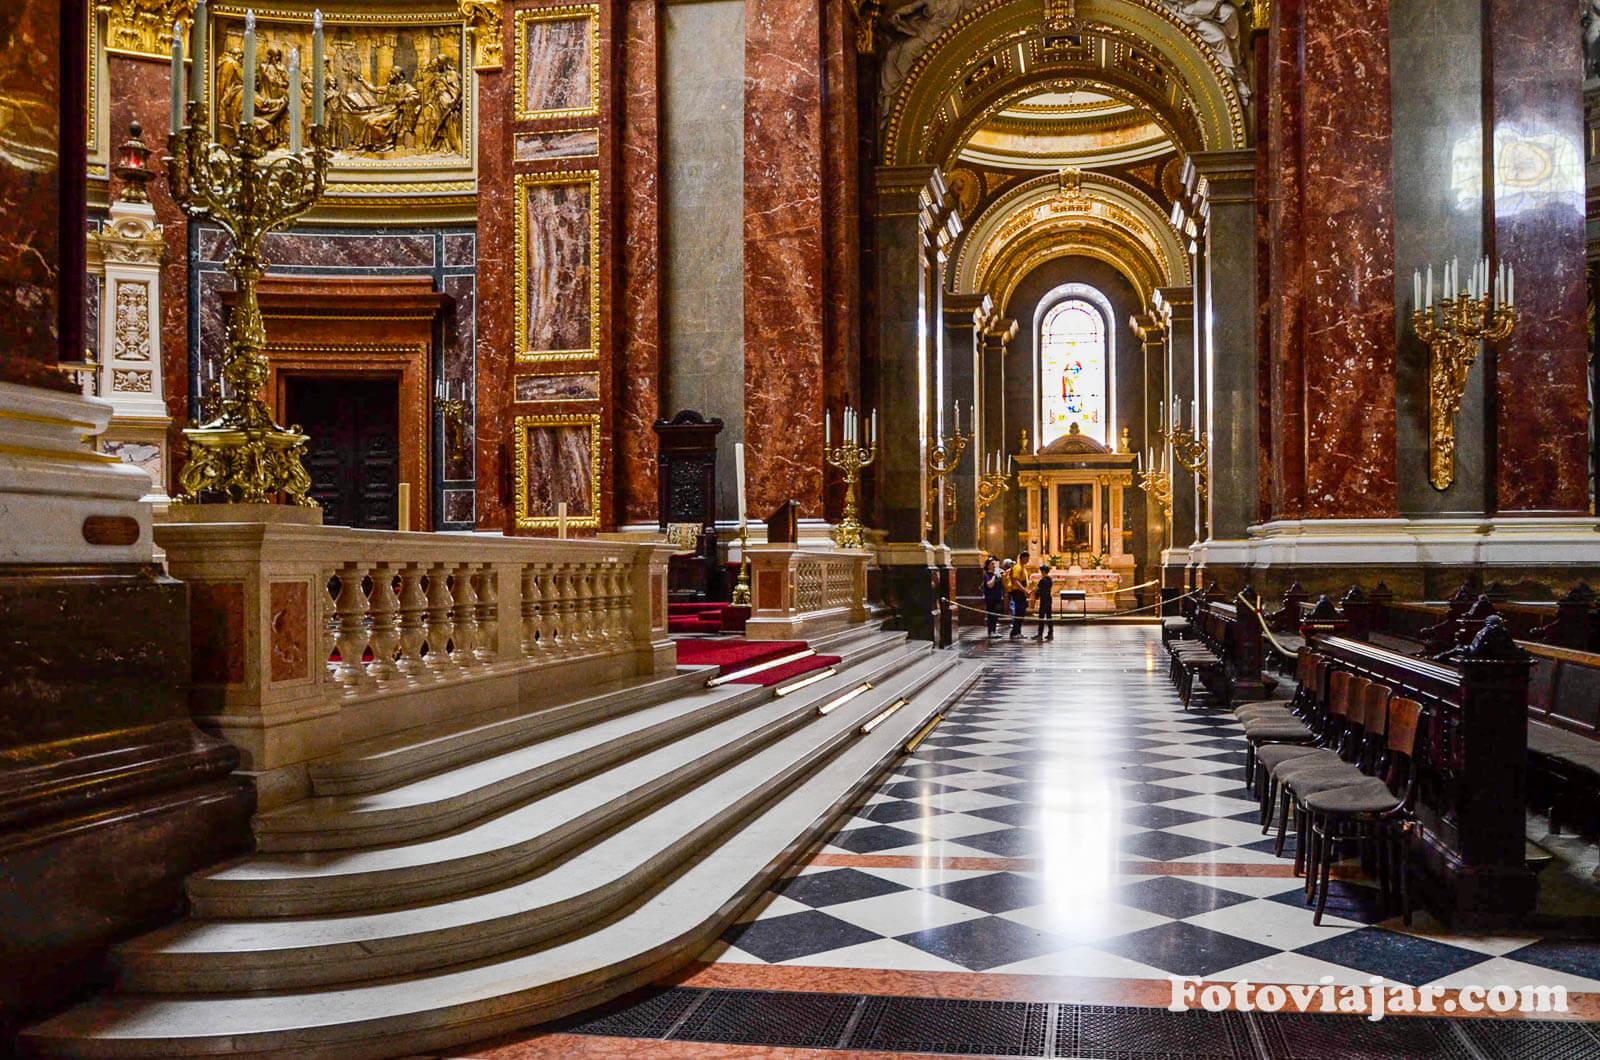 basilica santo estevao budapeste